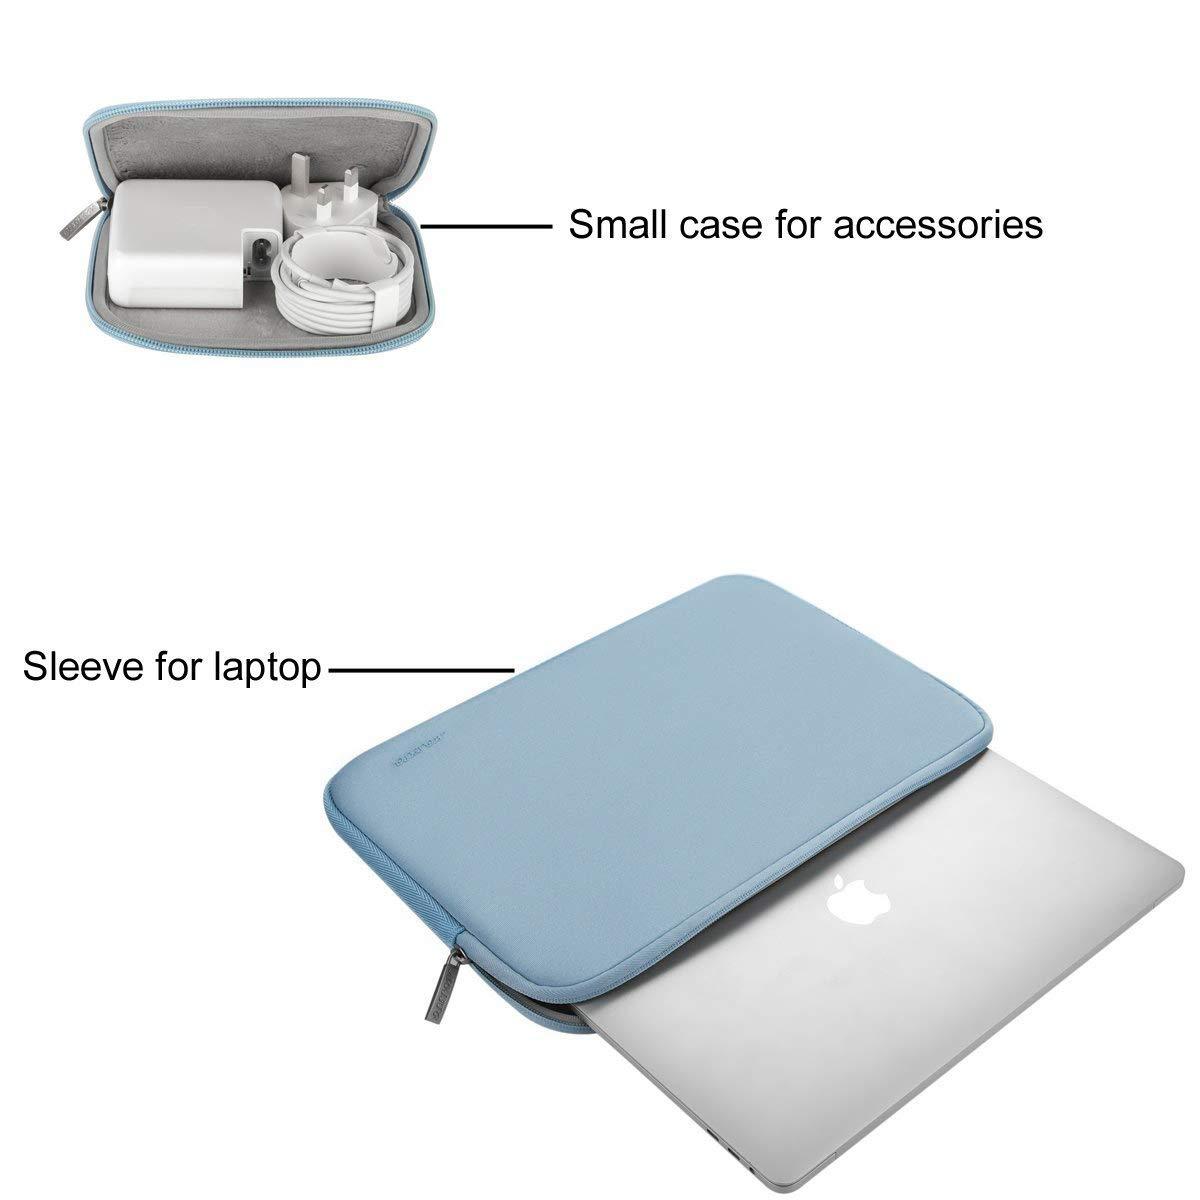 Verde MOSISO Funda Protectora Compatible 13-13.3 Pulgadas MacBook Air//MacBook Pro//Pro Retina//Surface Laptop 2 2018 2017//Surface Book 2//1 Repelente de Agua Neopreno con Peque/ño Caso